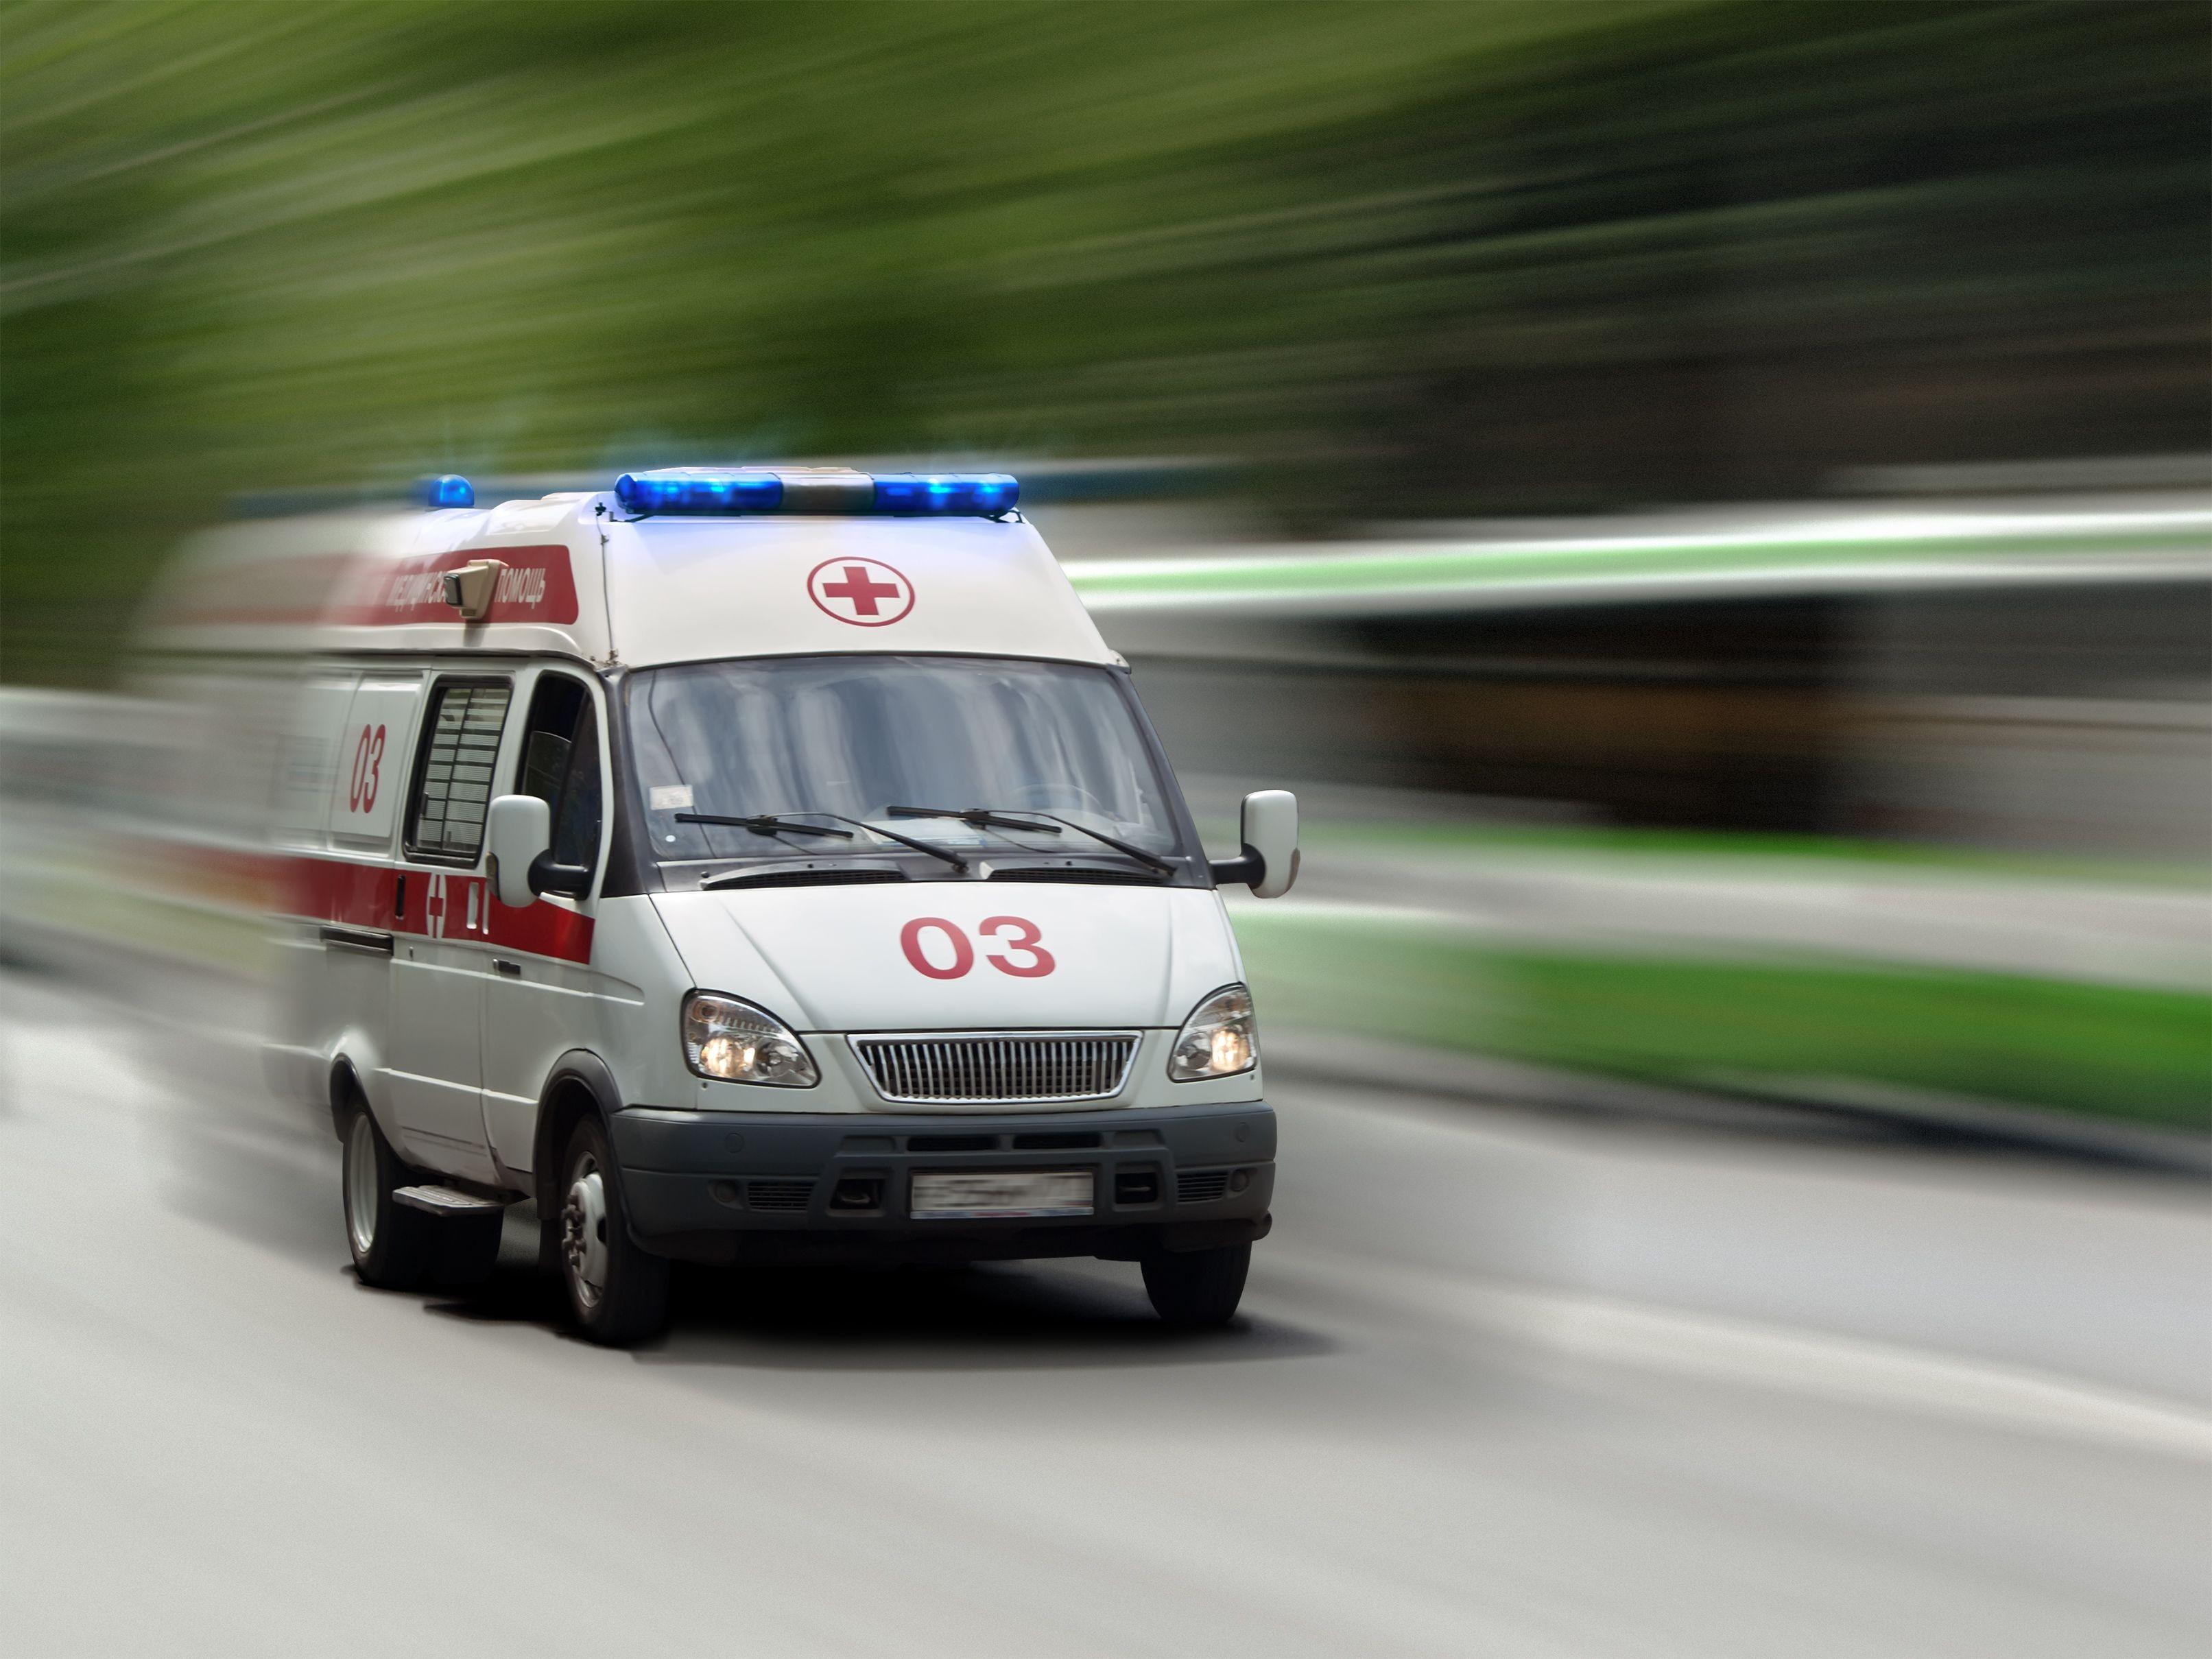 Шофёр скорой помощи умер врезультате дорожно-траспортного происшествия воВладикавказе